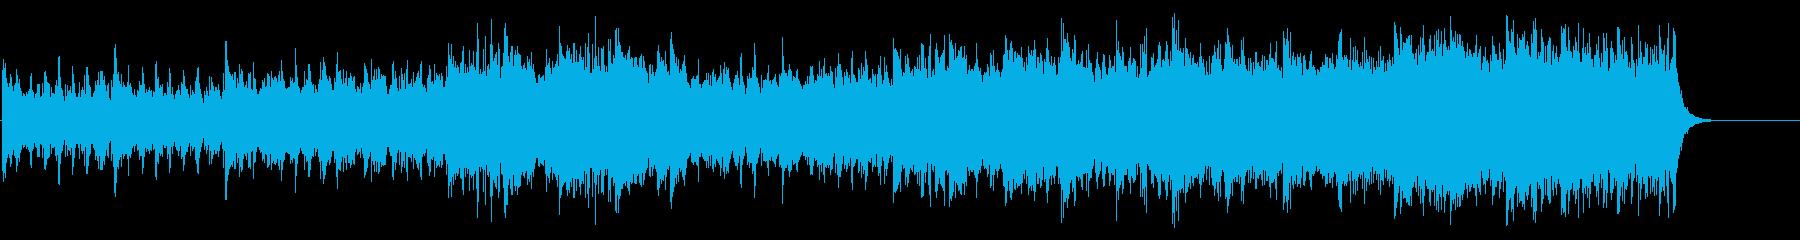 戦国絵巻風サウンド(映画音楽タイプ)の再生済みの波形